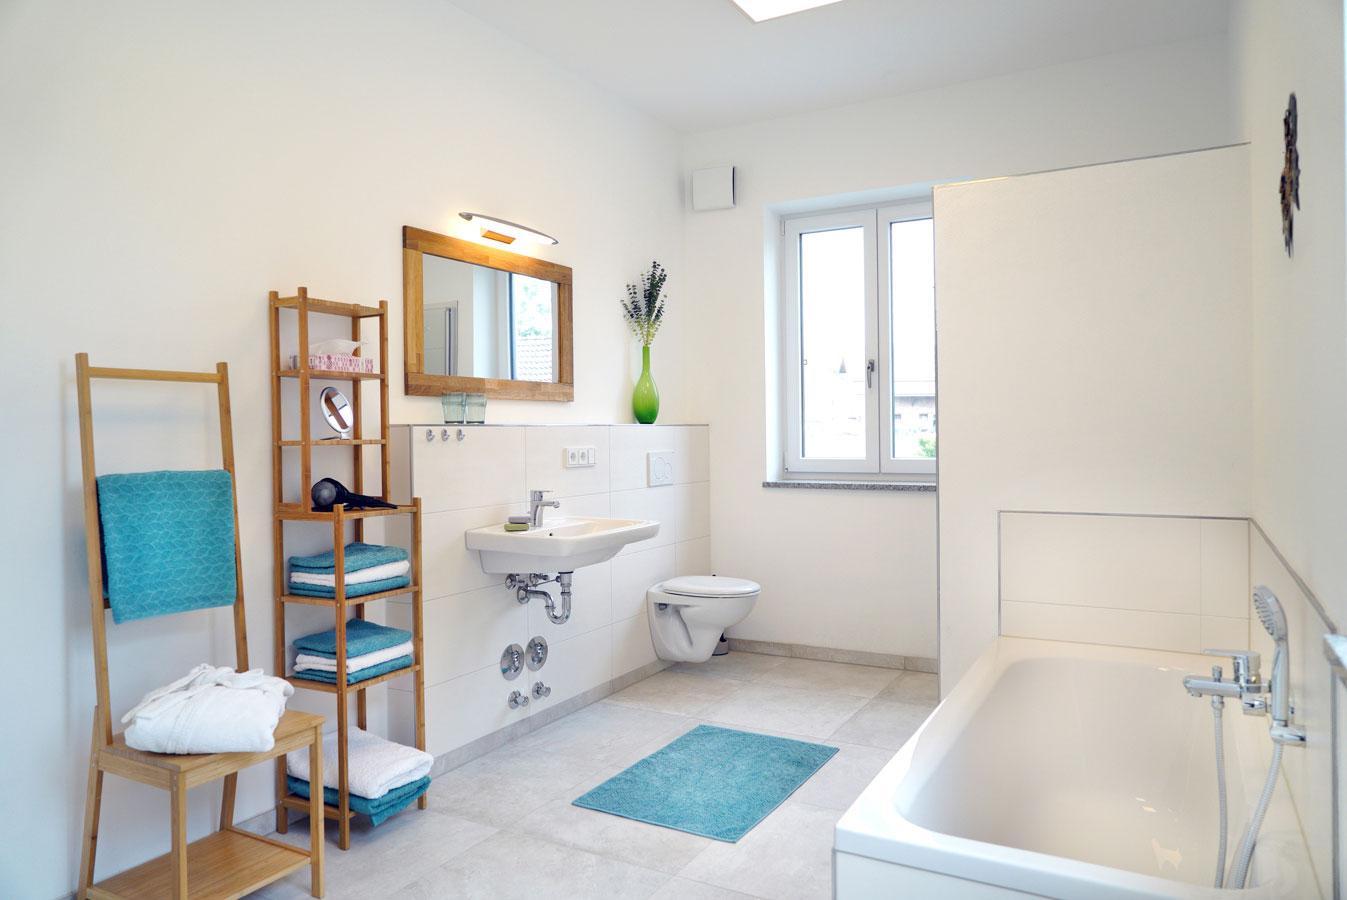 Bad mit begehbarer Dusche und Badewanne